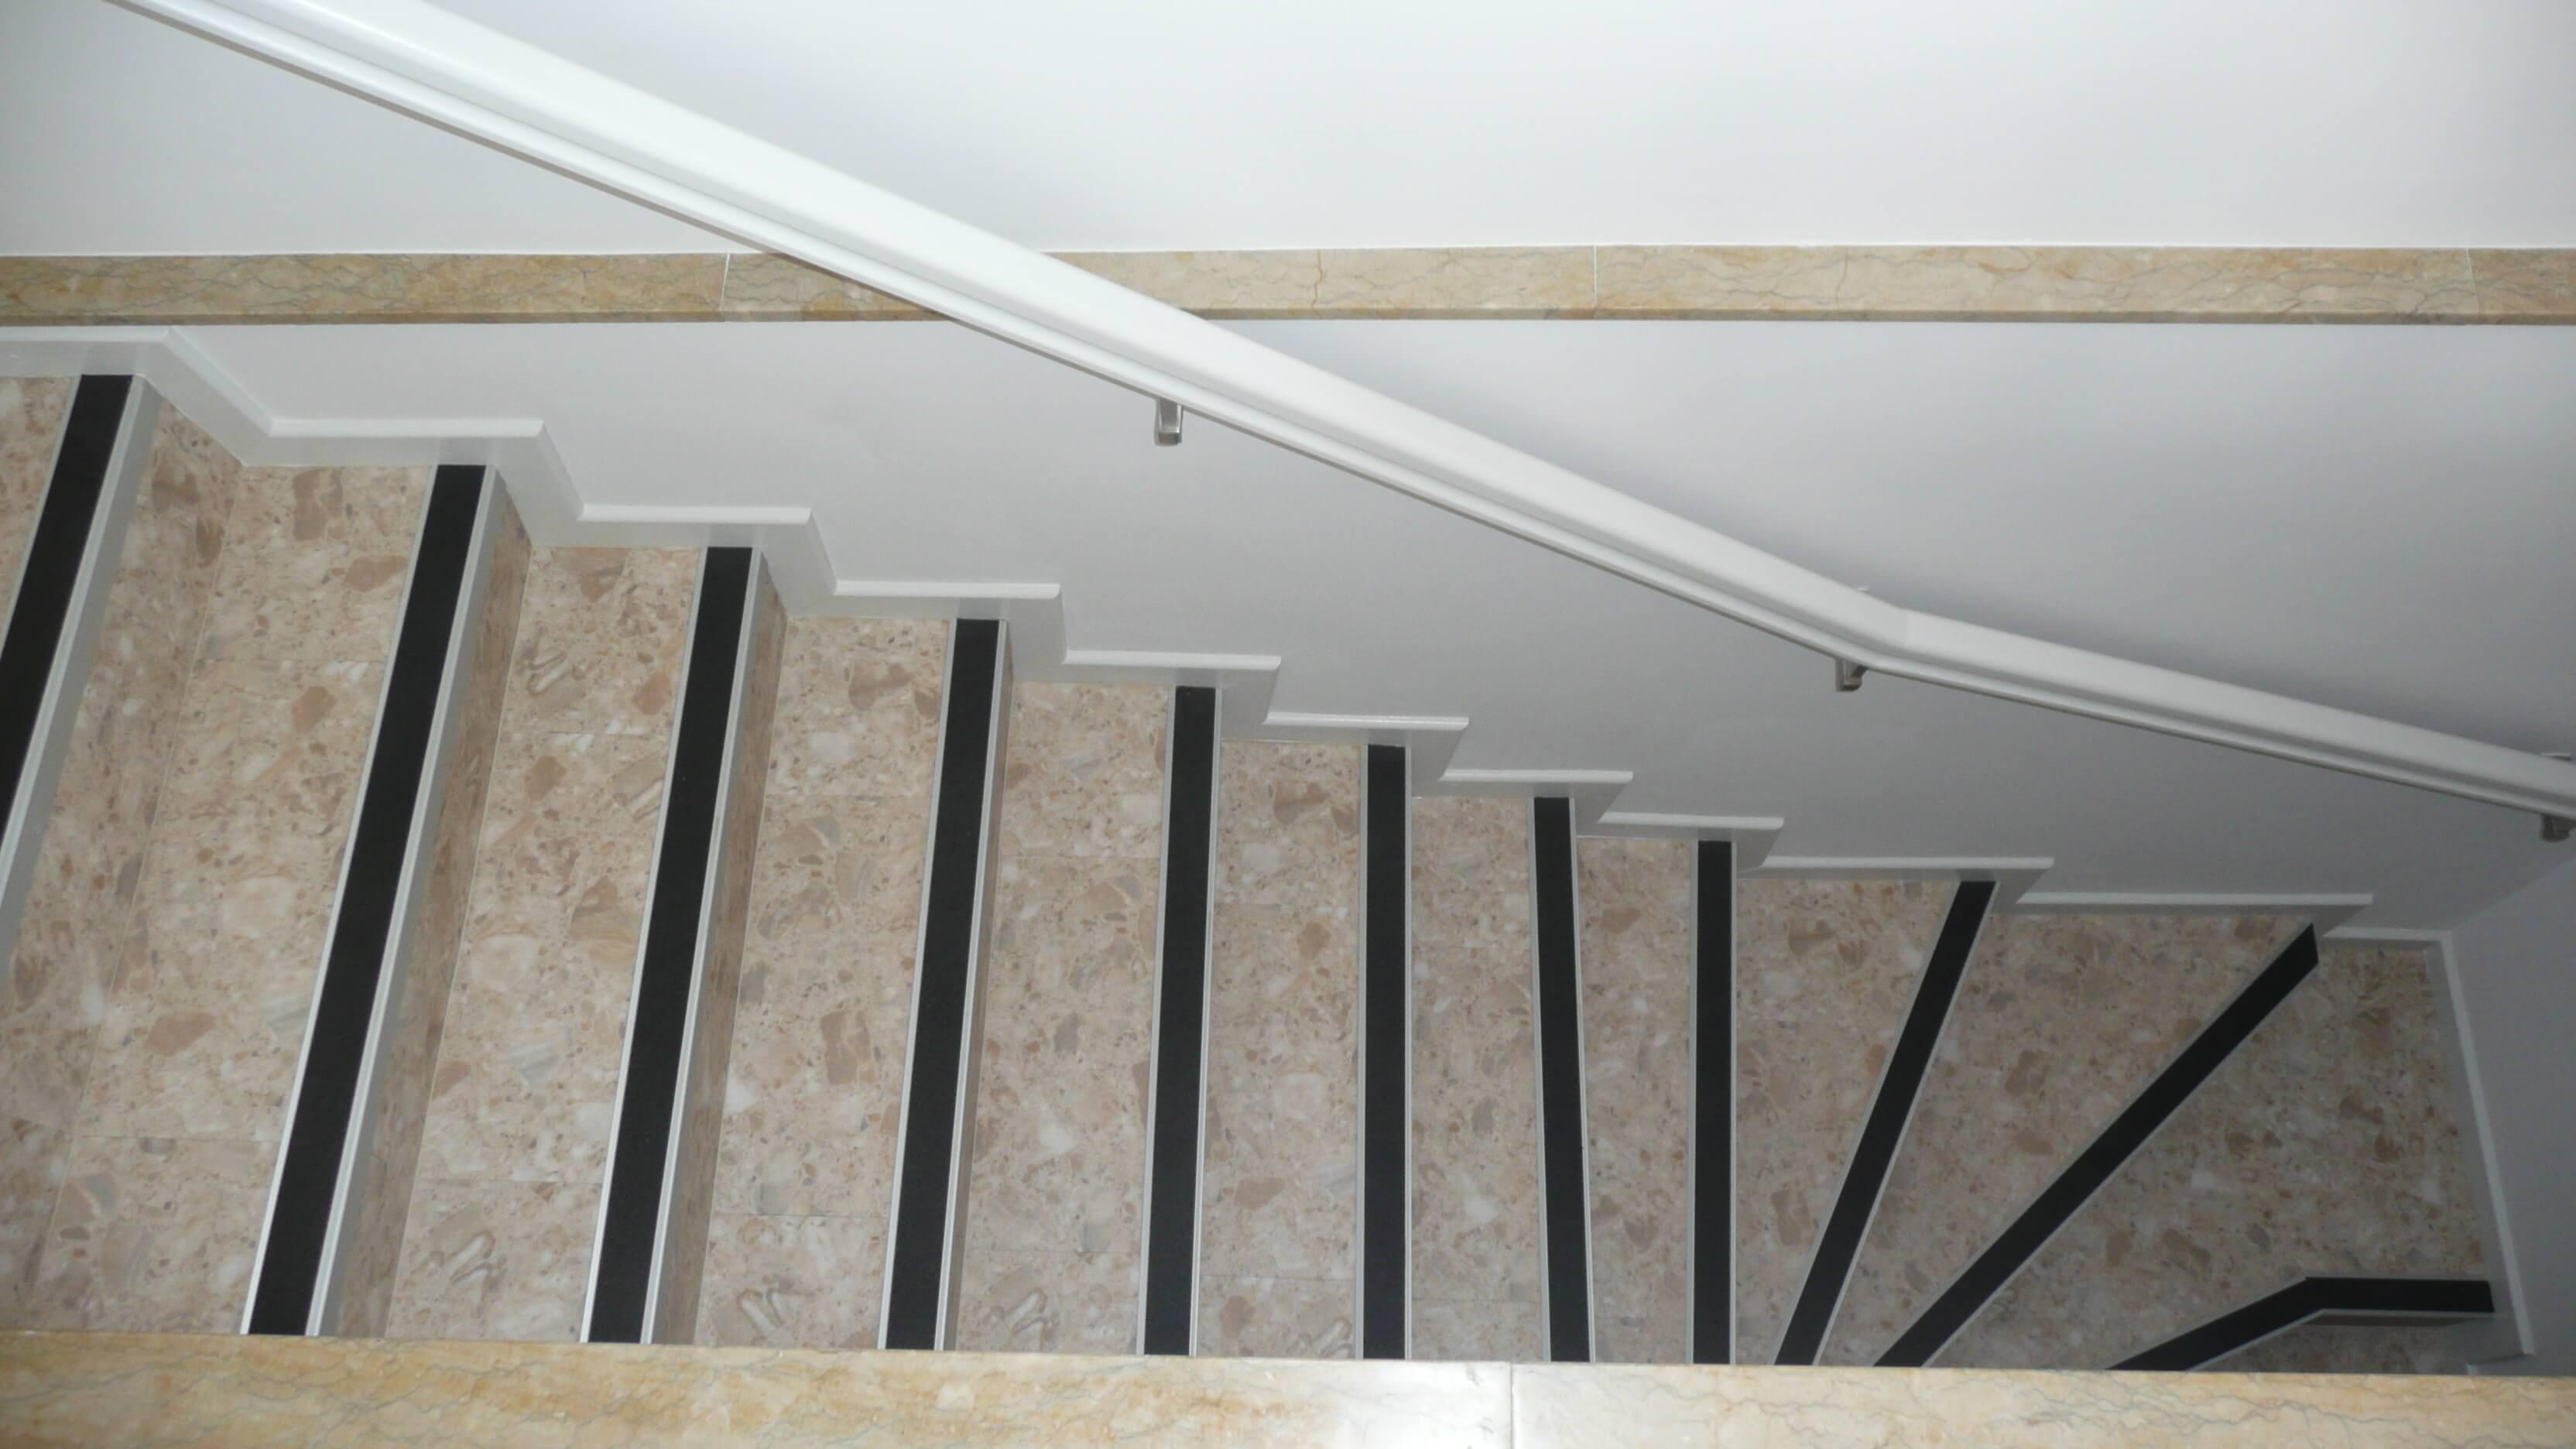 Entreprise Amenagement Exterieur Moselle aménagement extérieur et intérieur à metz en moselle (57)